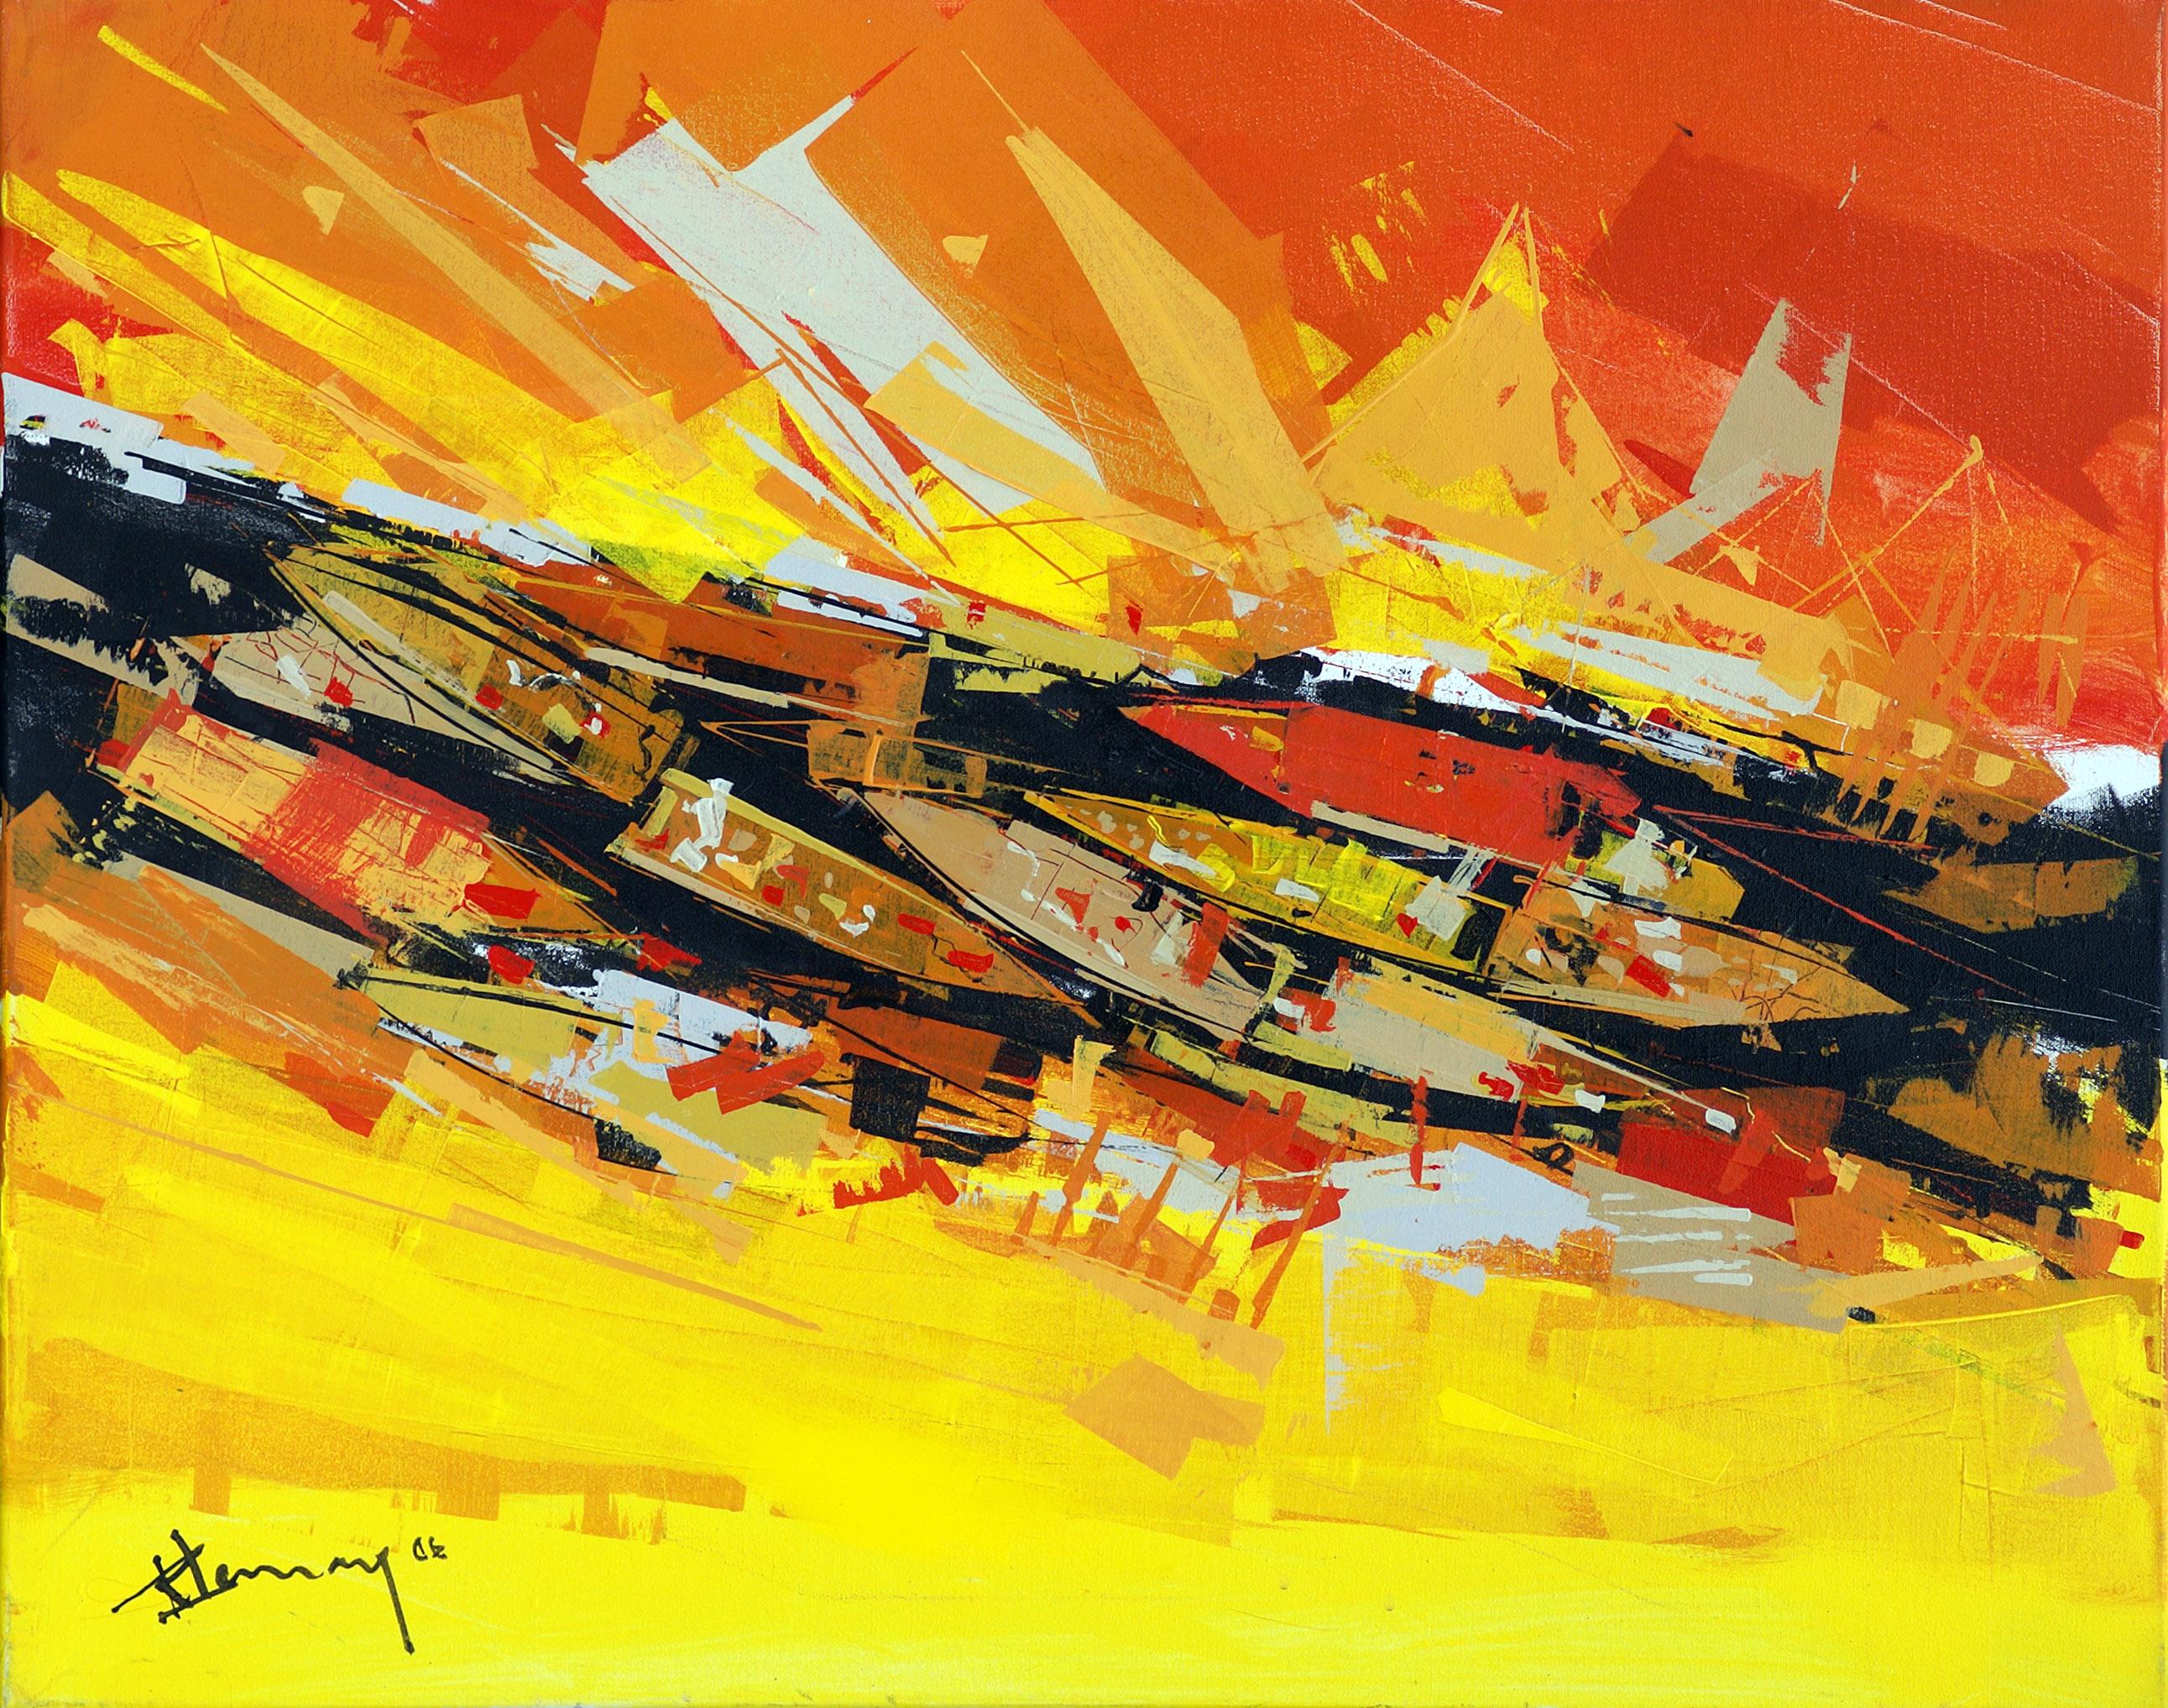 Tableau de l'artiste peintre René Lemay représentant un marché flottant en Thaïlande